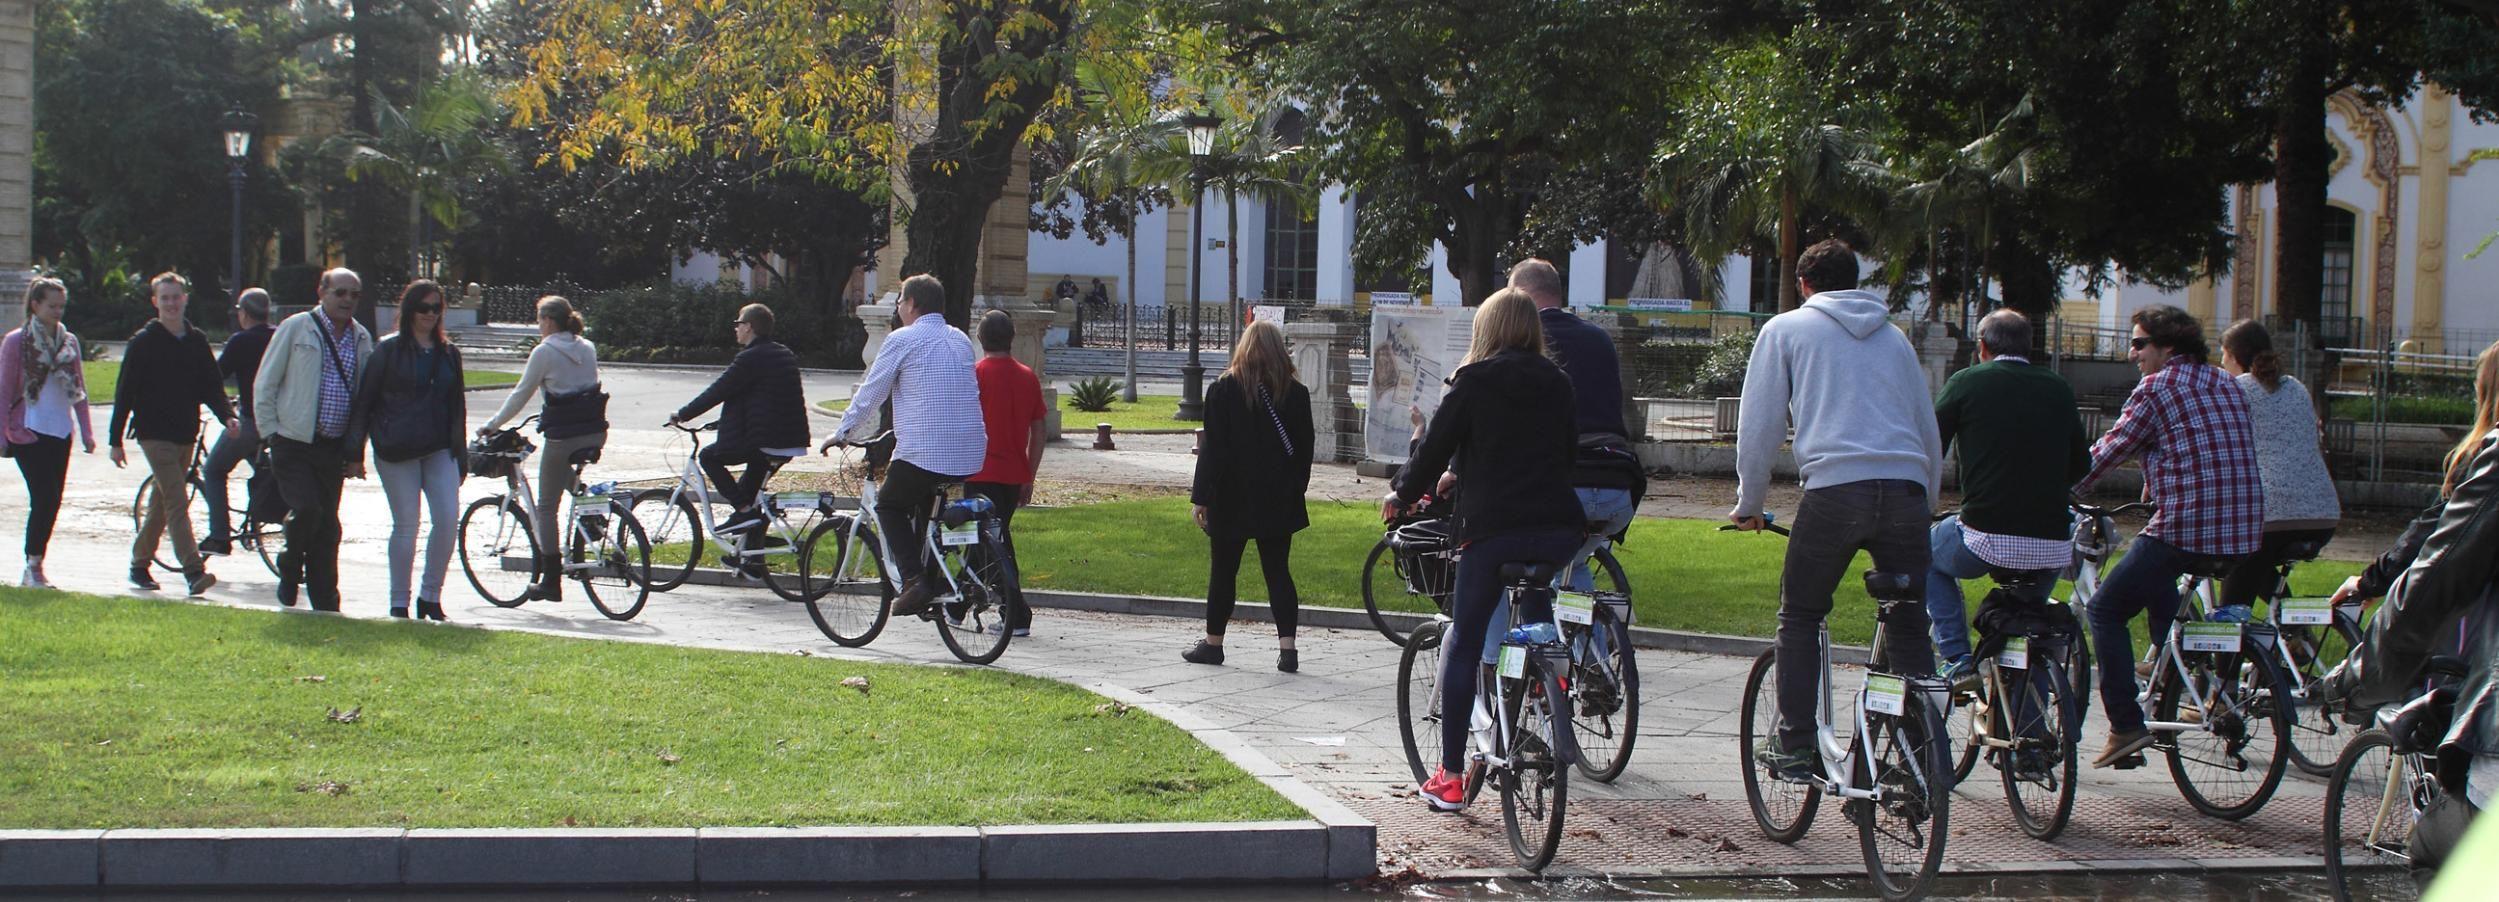 Séville: visite de 3 heures des jardins Murillo avec déjeuner pique-nique